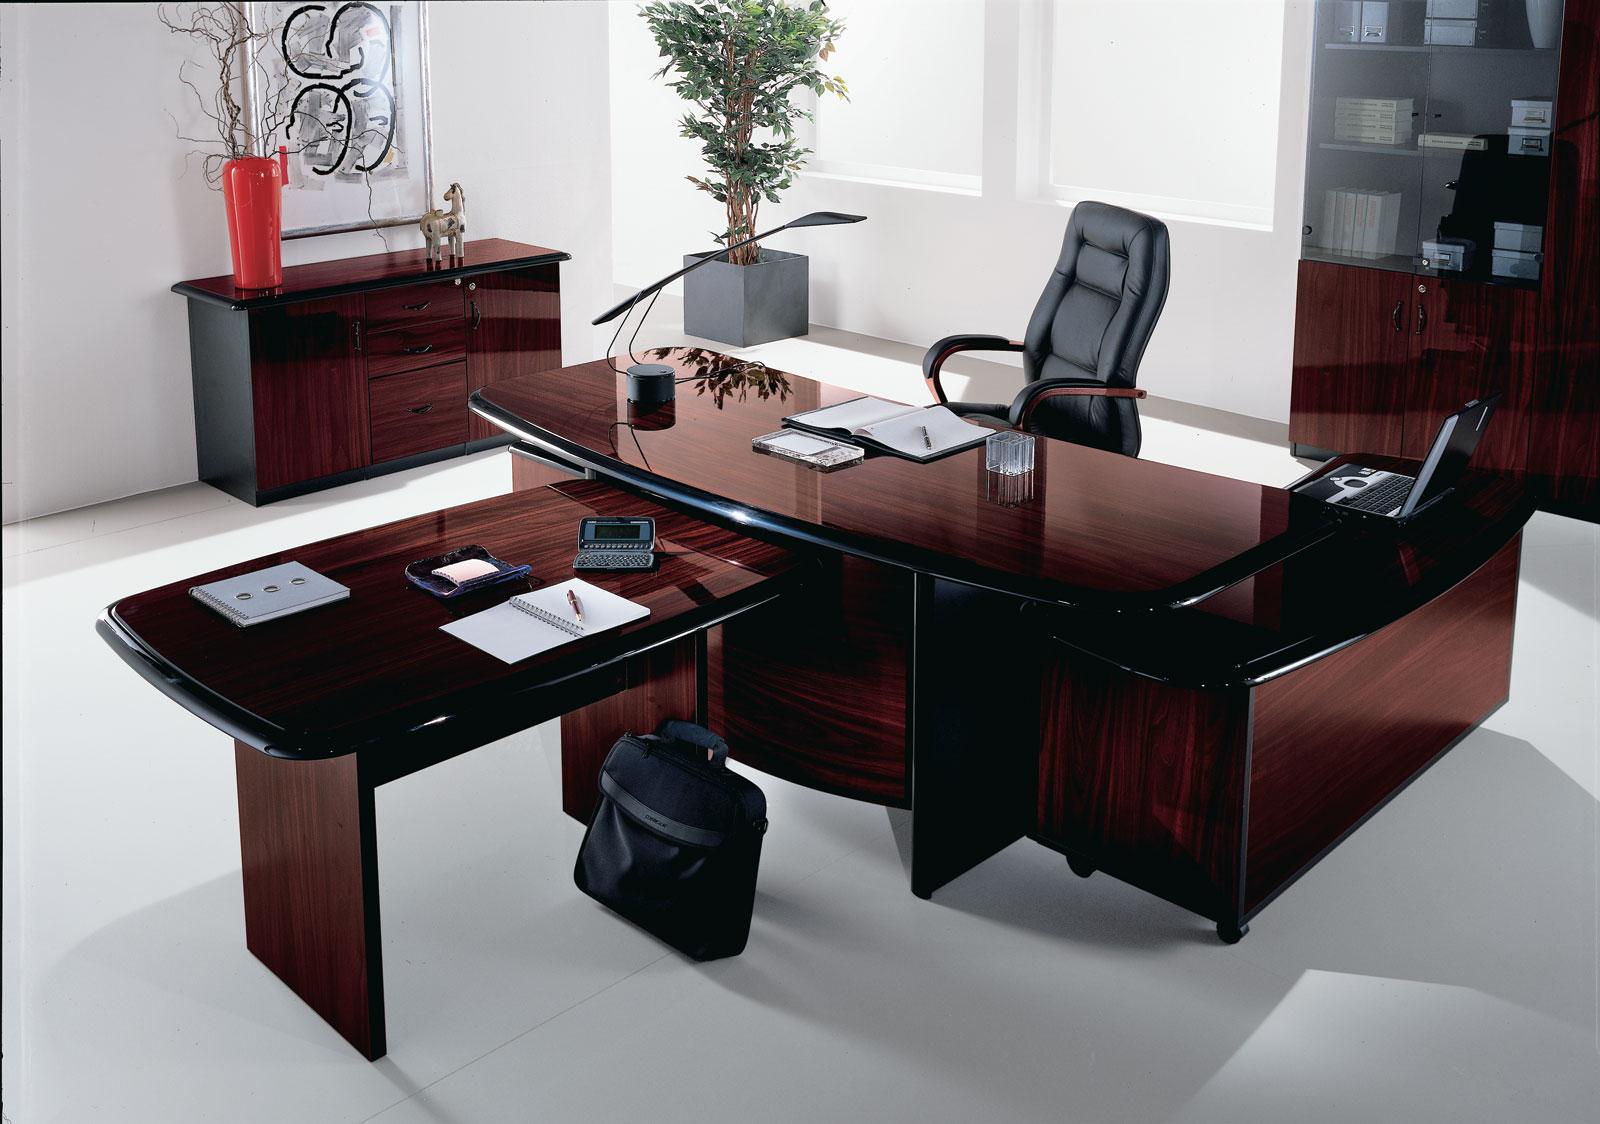 офисная мебель от производителей Гамма стиль